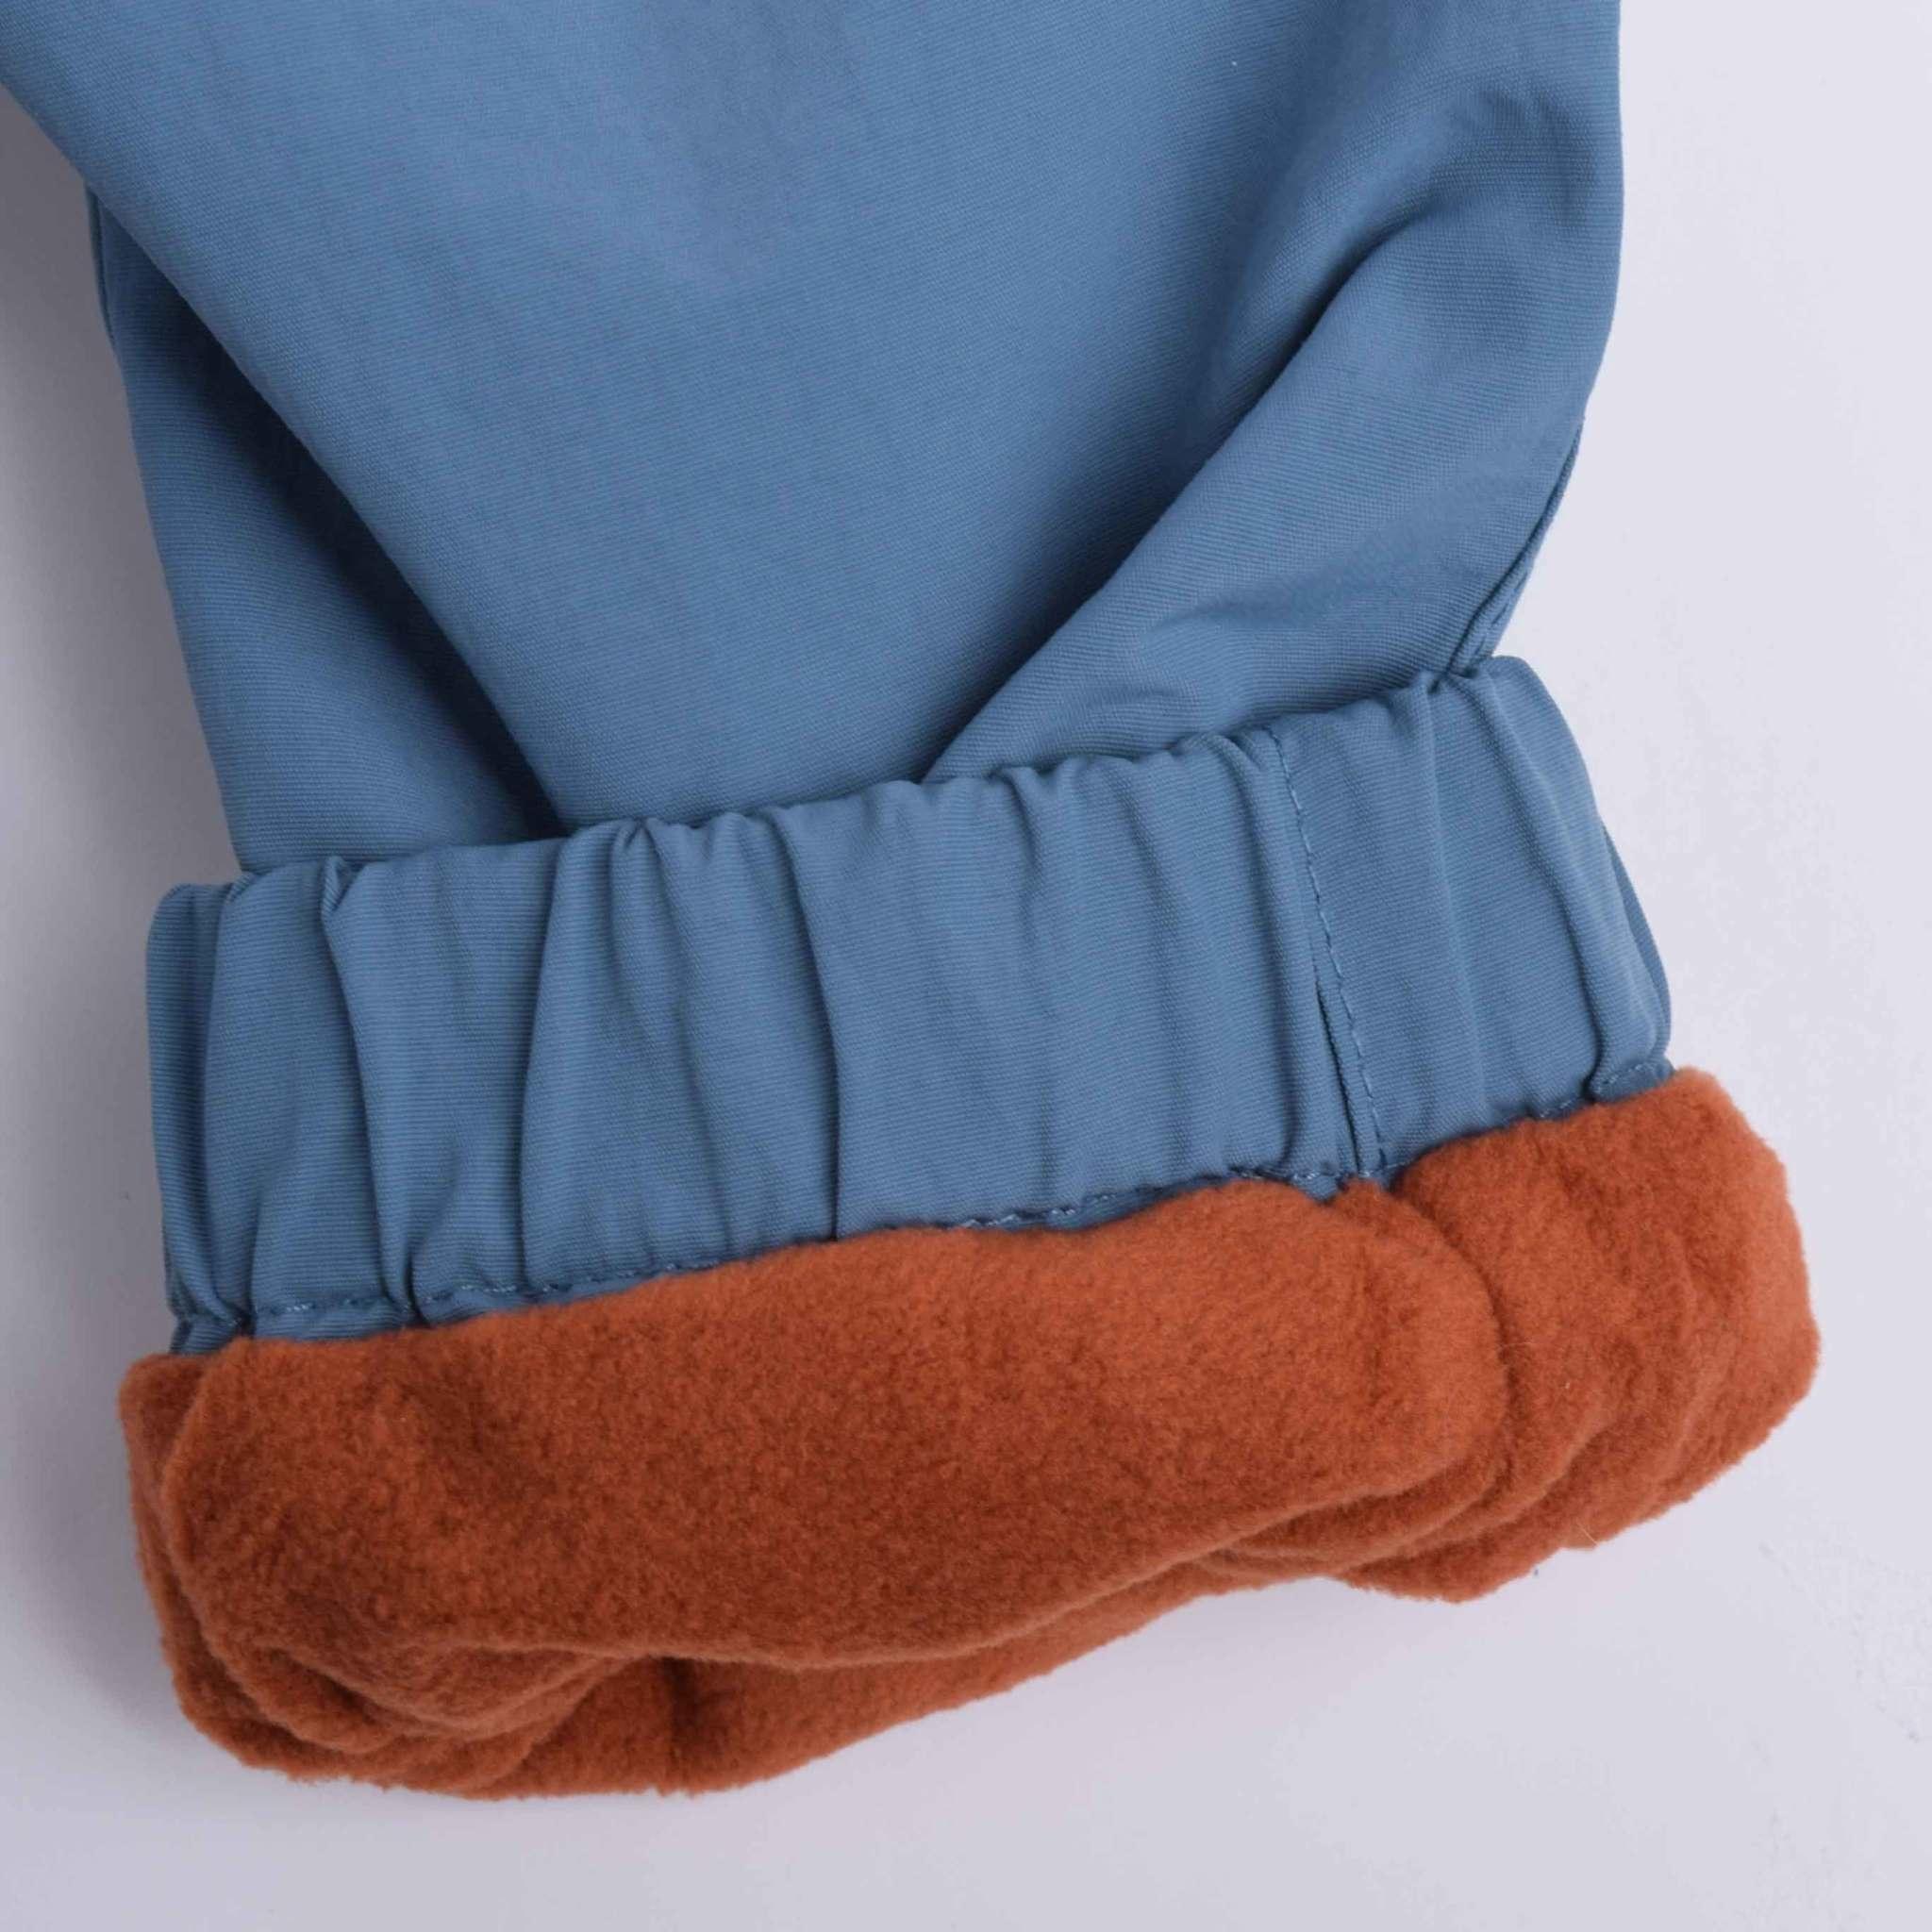 Pantalon D'Extérieur doublé Polar - TWENTY TWO 1.0-2